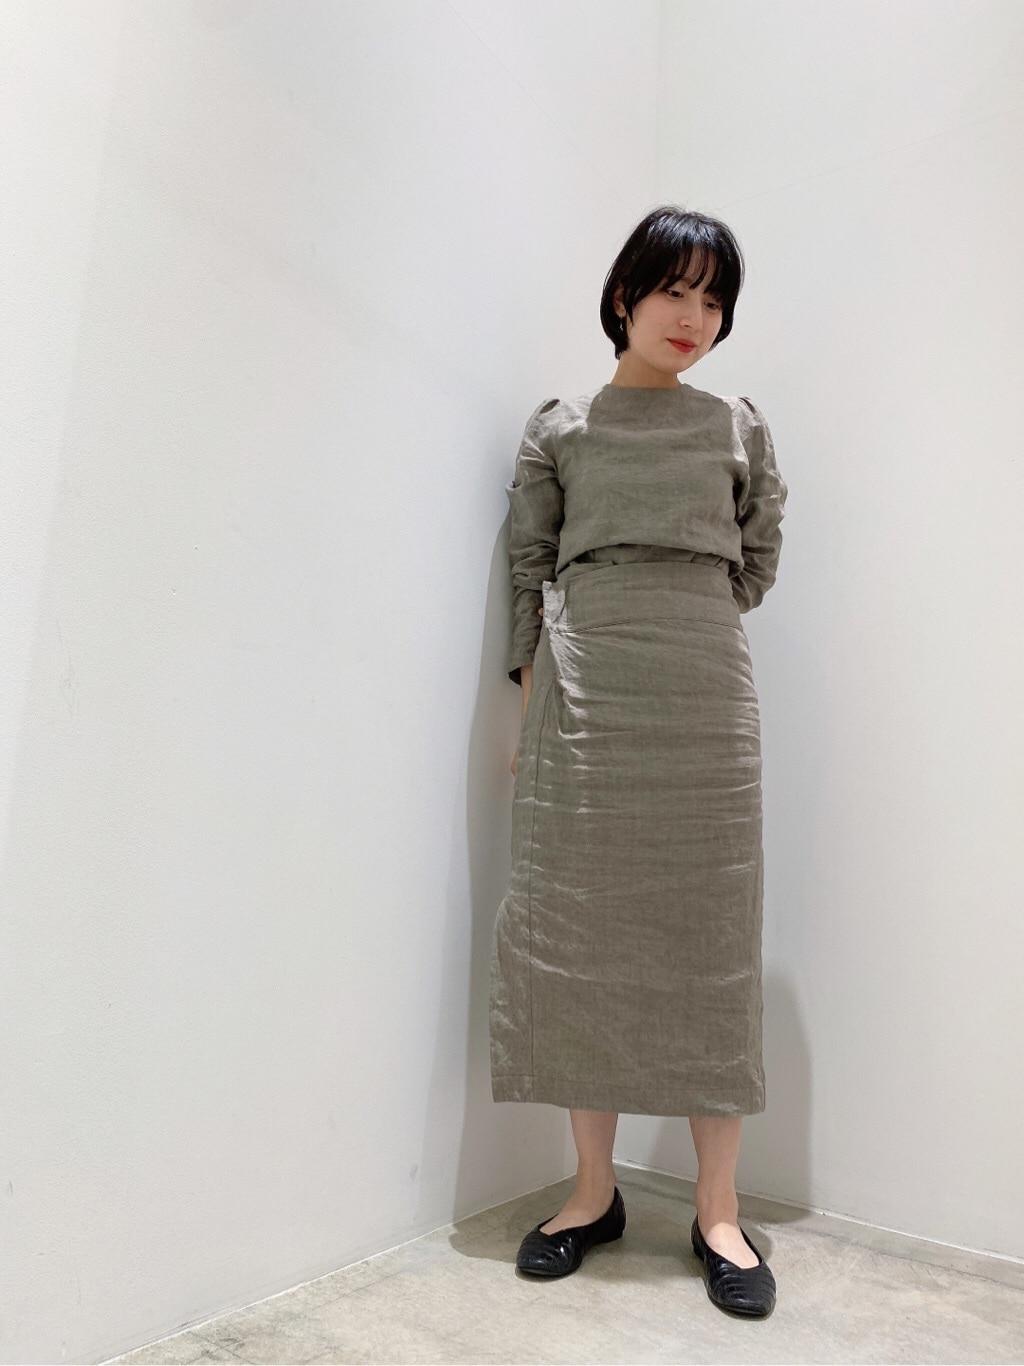 iki iki 渋谷パルコ 身長:152cm 2020.03.16